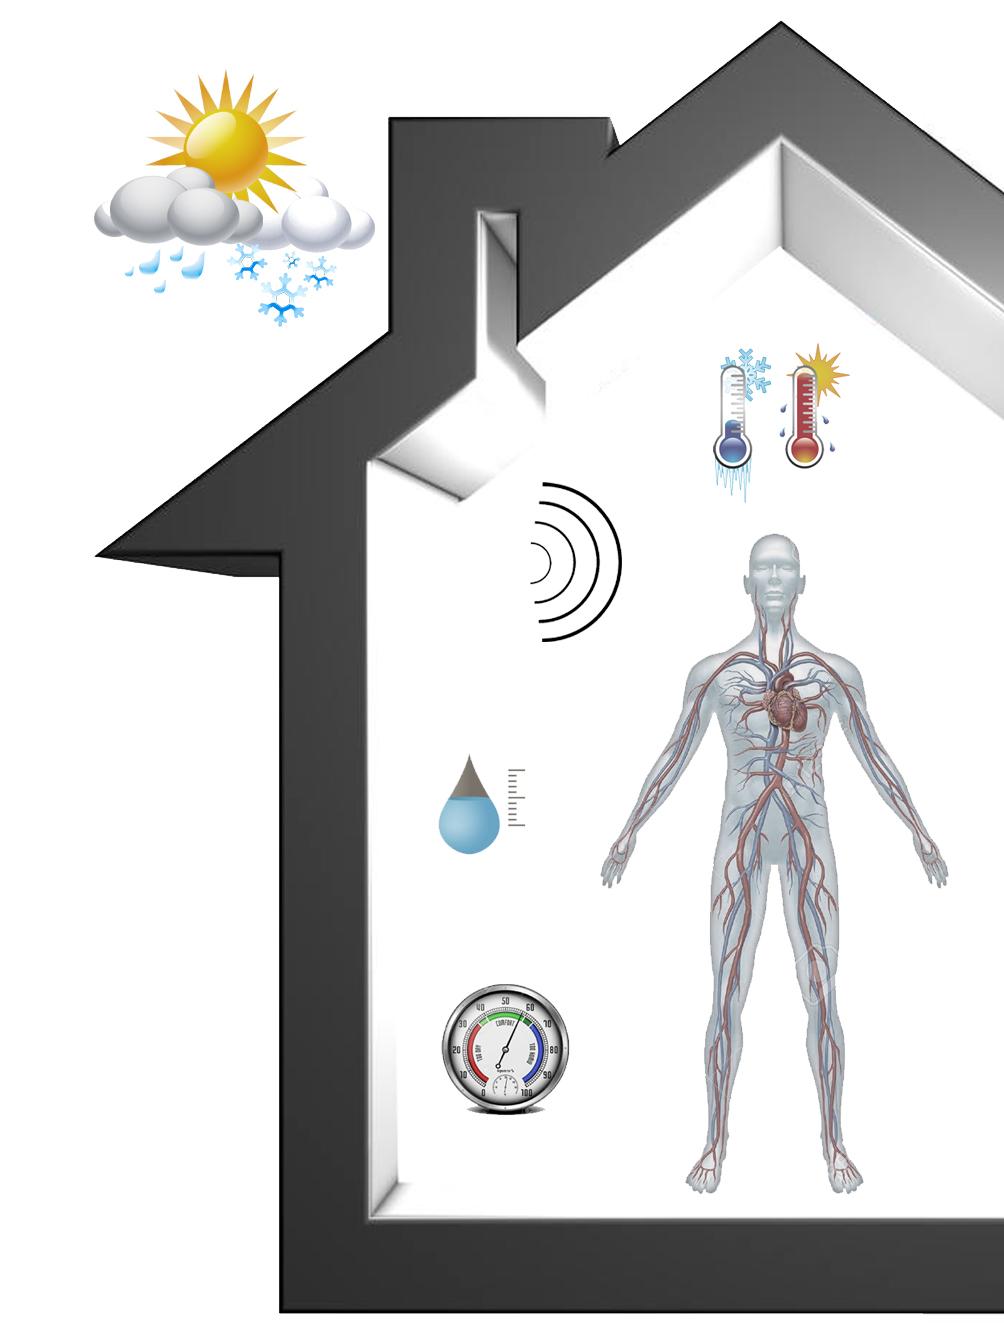 Θερμική_Ακουστική_Άνεση_Συνθήκες_Εσωκλίματος